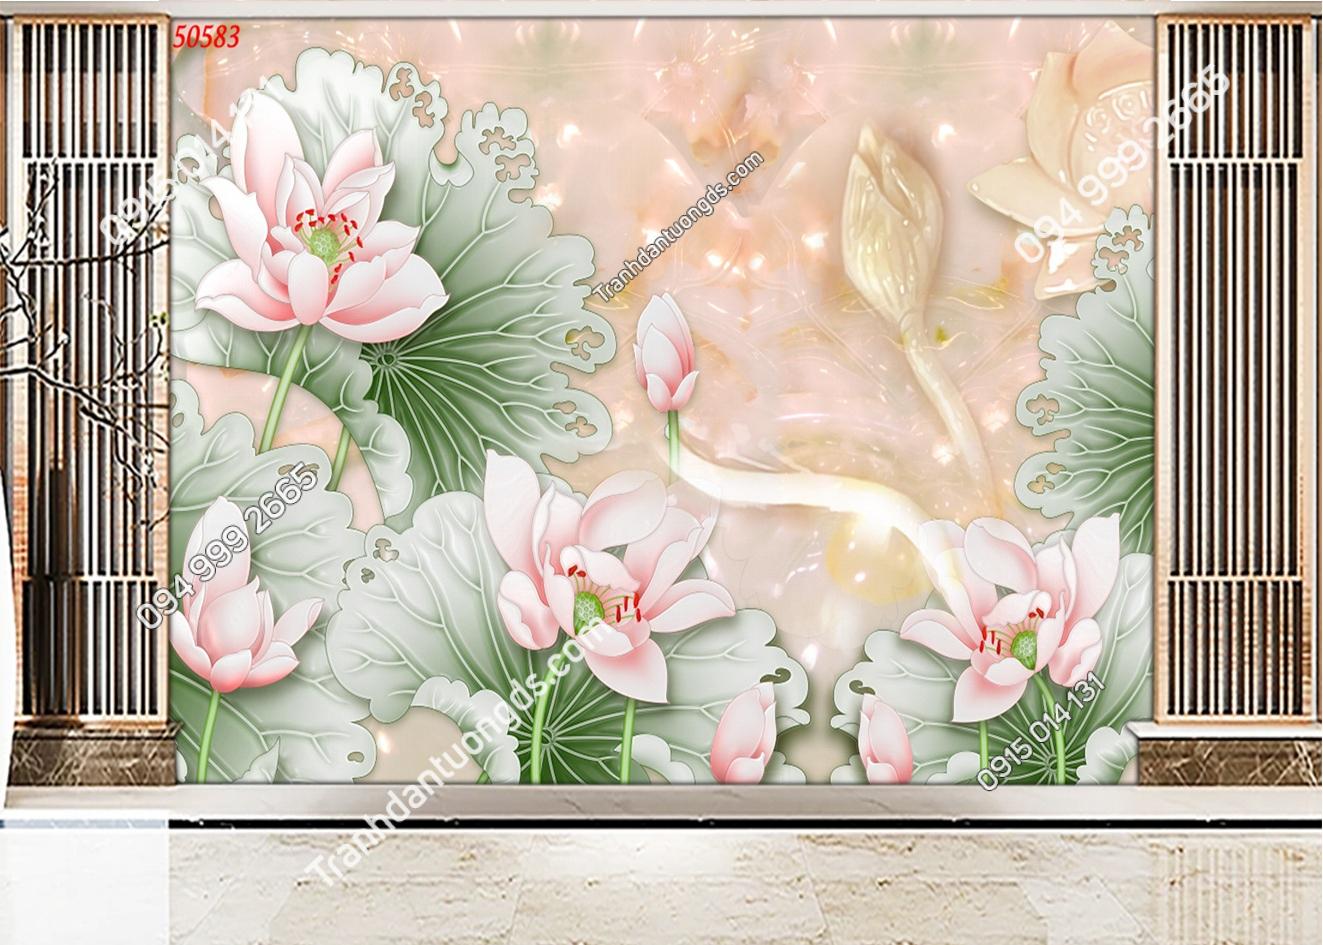 Tranh dán tường hoa sen ngọc 3D đẹp 50583